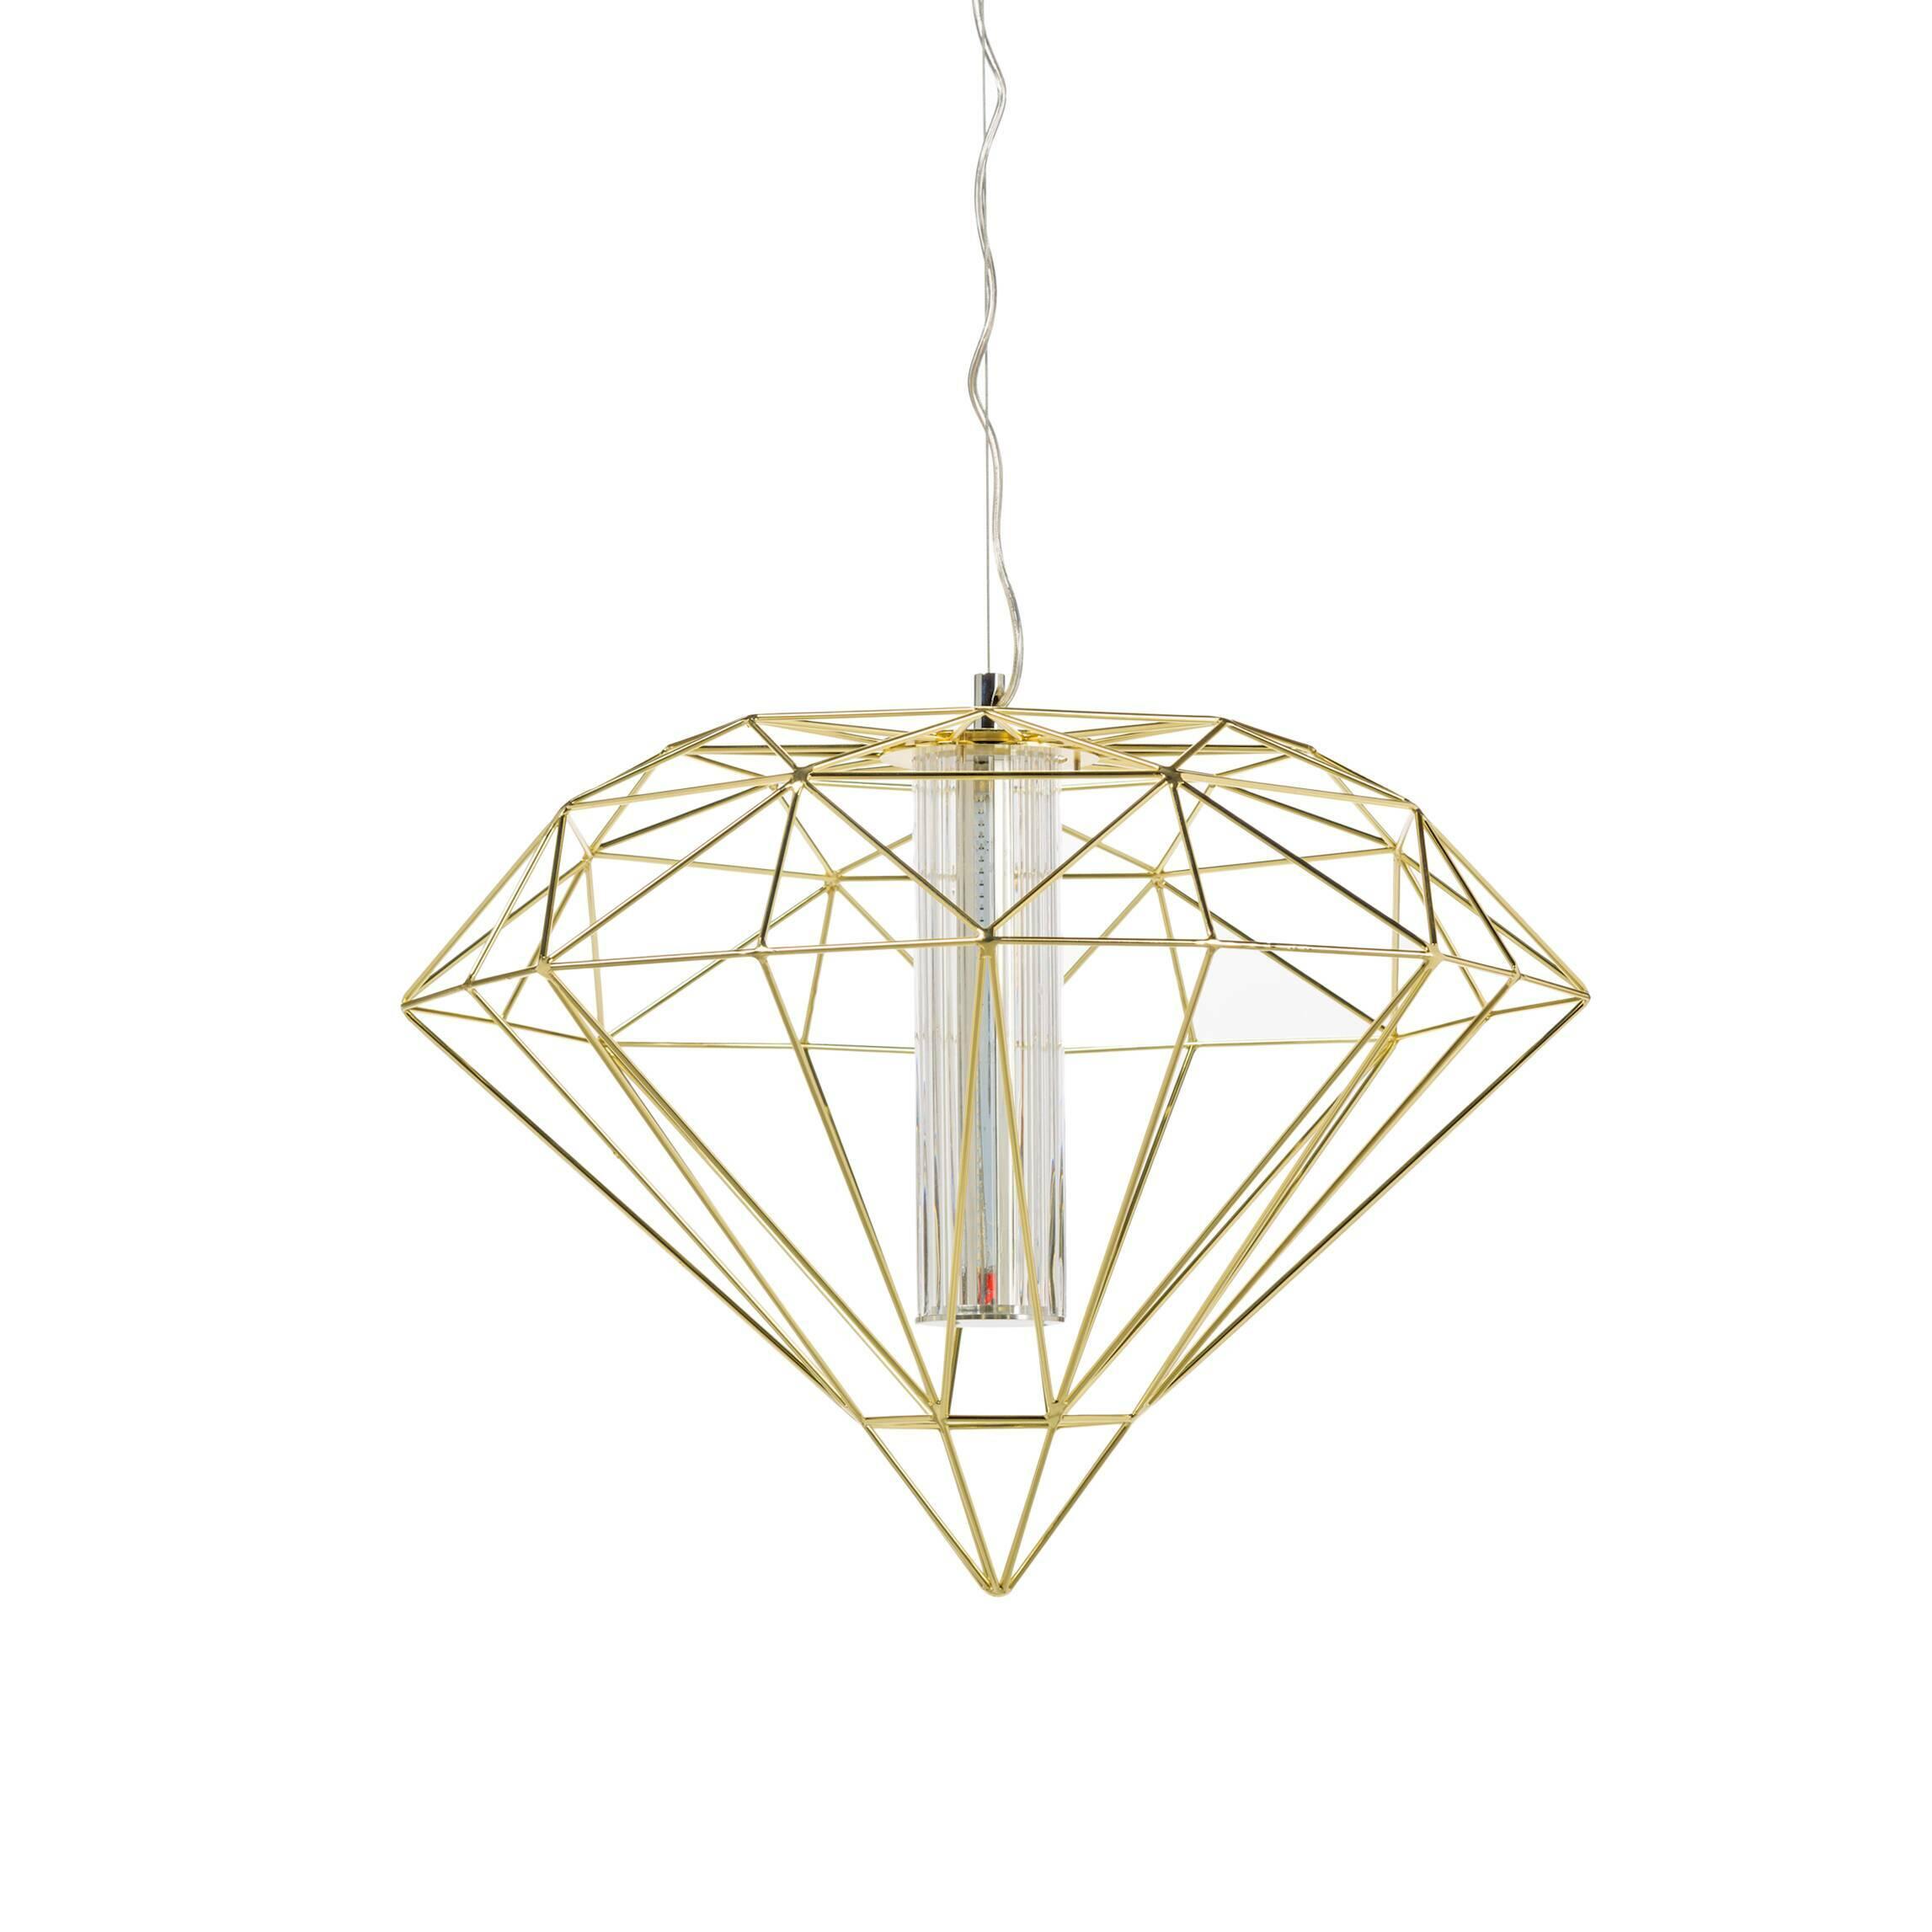 Подвесной светильник Polyhedra диаметр 40Подвесные<br>Будьте оригинальными в интерьере! Освещение в гостиной уже давно не требует внушительных и громоздких люстр, а кто-то и вовсе отказывается от верхнего света, заменив его торшерами, бра и локальными лампами. Если все же вам по душе привычный способ, но классика уже приелась, то обратите внимание на подвесной светильник Polyhedra диаметр 40.<br><br><br> Дизайнеры соединили в нем фантазийную металлическую оплетку, традиционную форму и актуальный медно-золотистый оттенок (в другом варианте это цве...<br><br>stock: 1<br>Высота: 180<br>Диаметр: 40<br>Материал абажура: Металл<br>Ламп в комплекте: Нет<br>Напряжение: 220<br>Тип лампы/цоколь: LED<br>Цвет абажура: Золотой